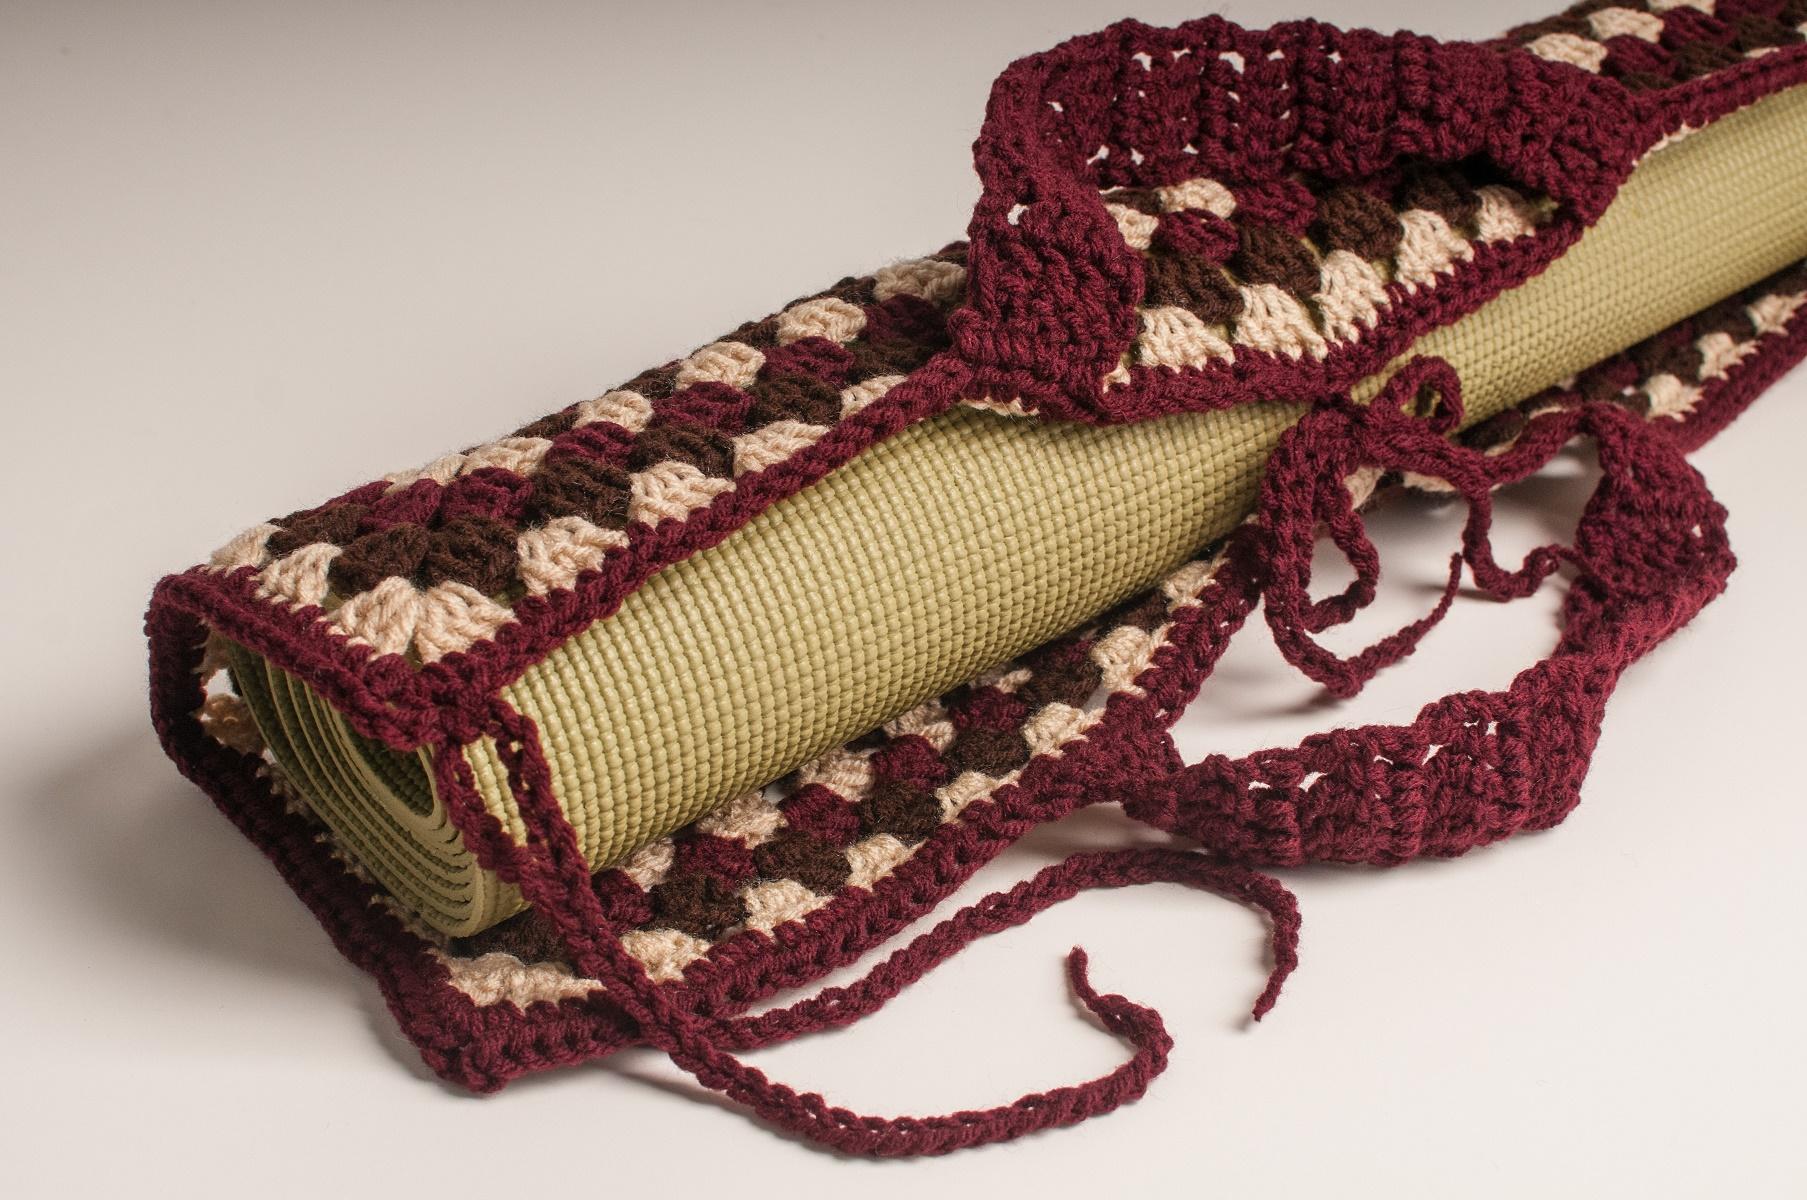 Sam S Crochet Handmade Health Granny Square Yoga Mat Bag Online Store Powered By Storenvy